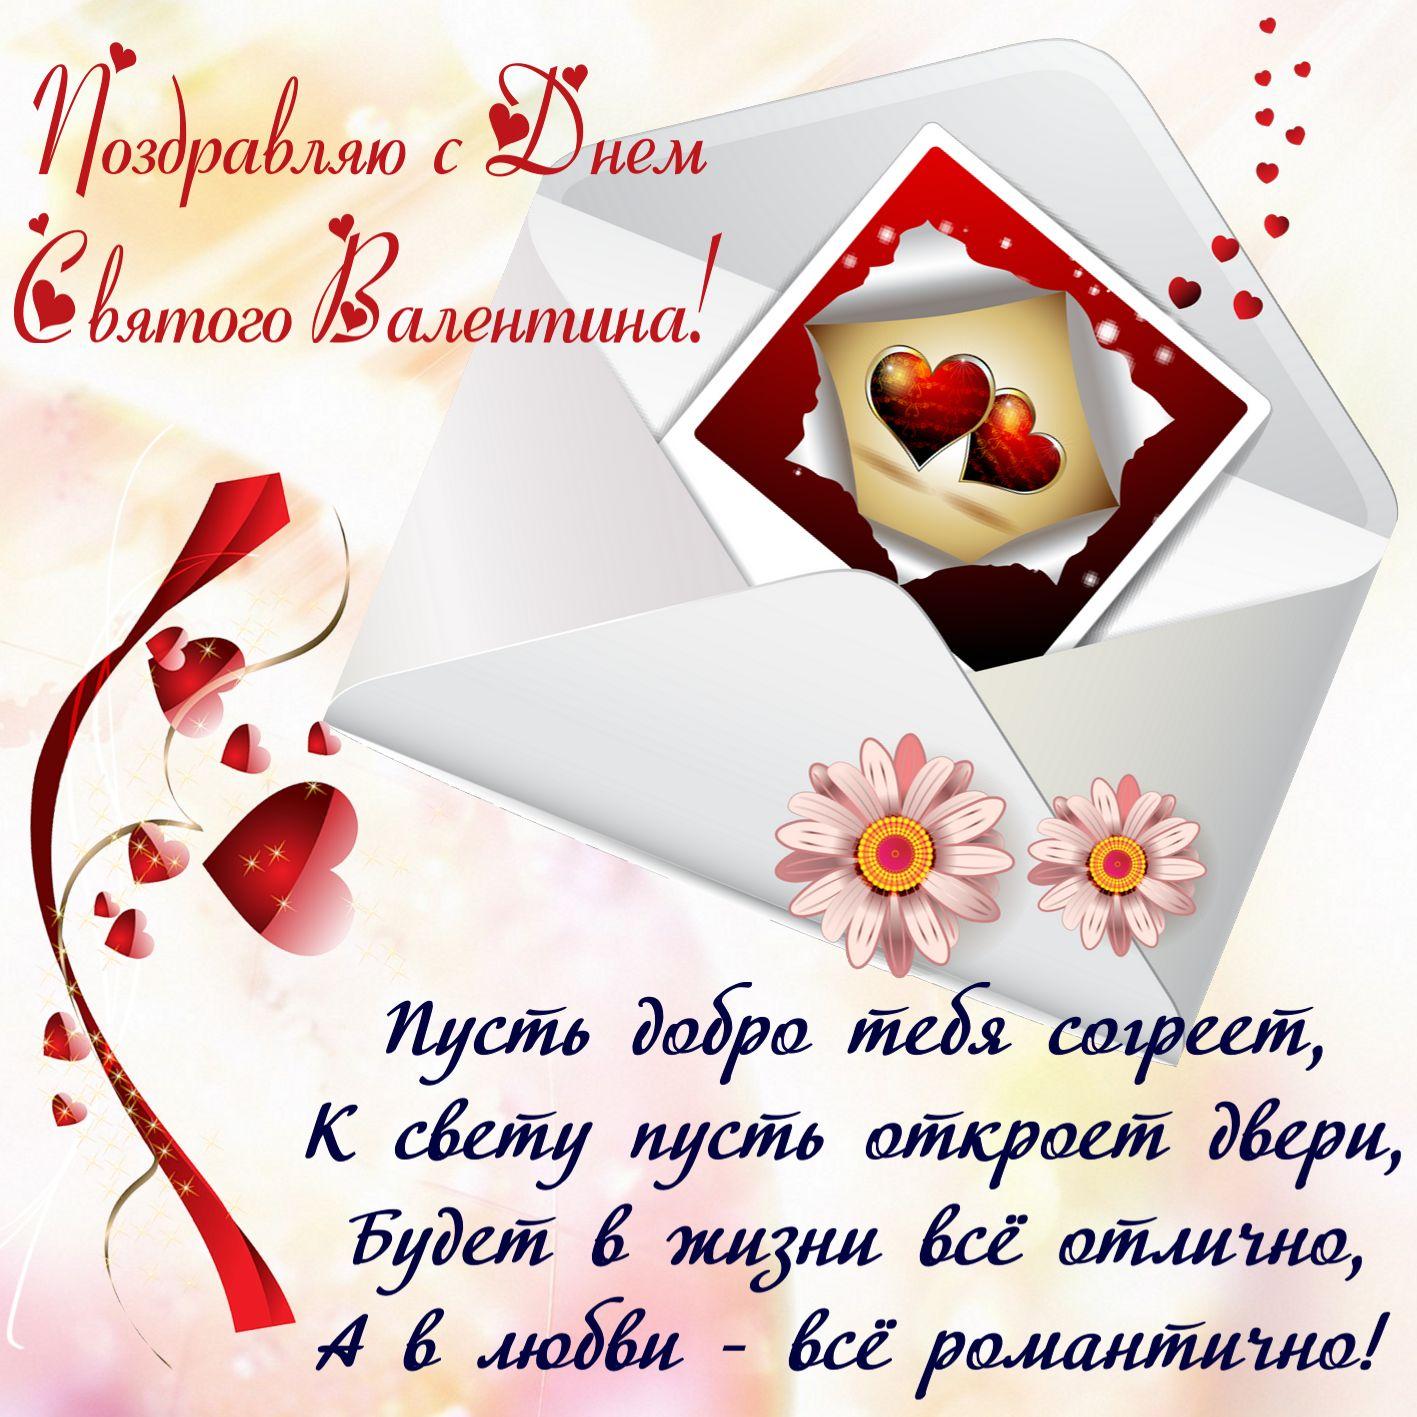 поздравления к дню святого валентина для гостей такой торт